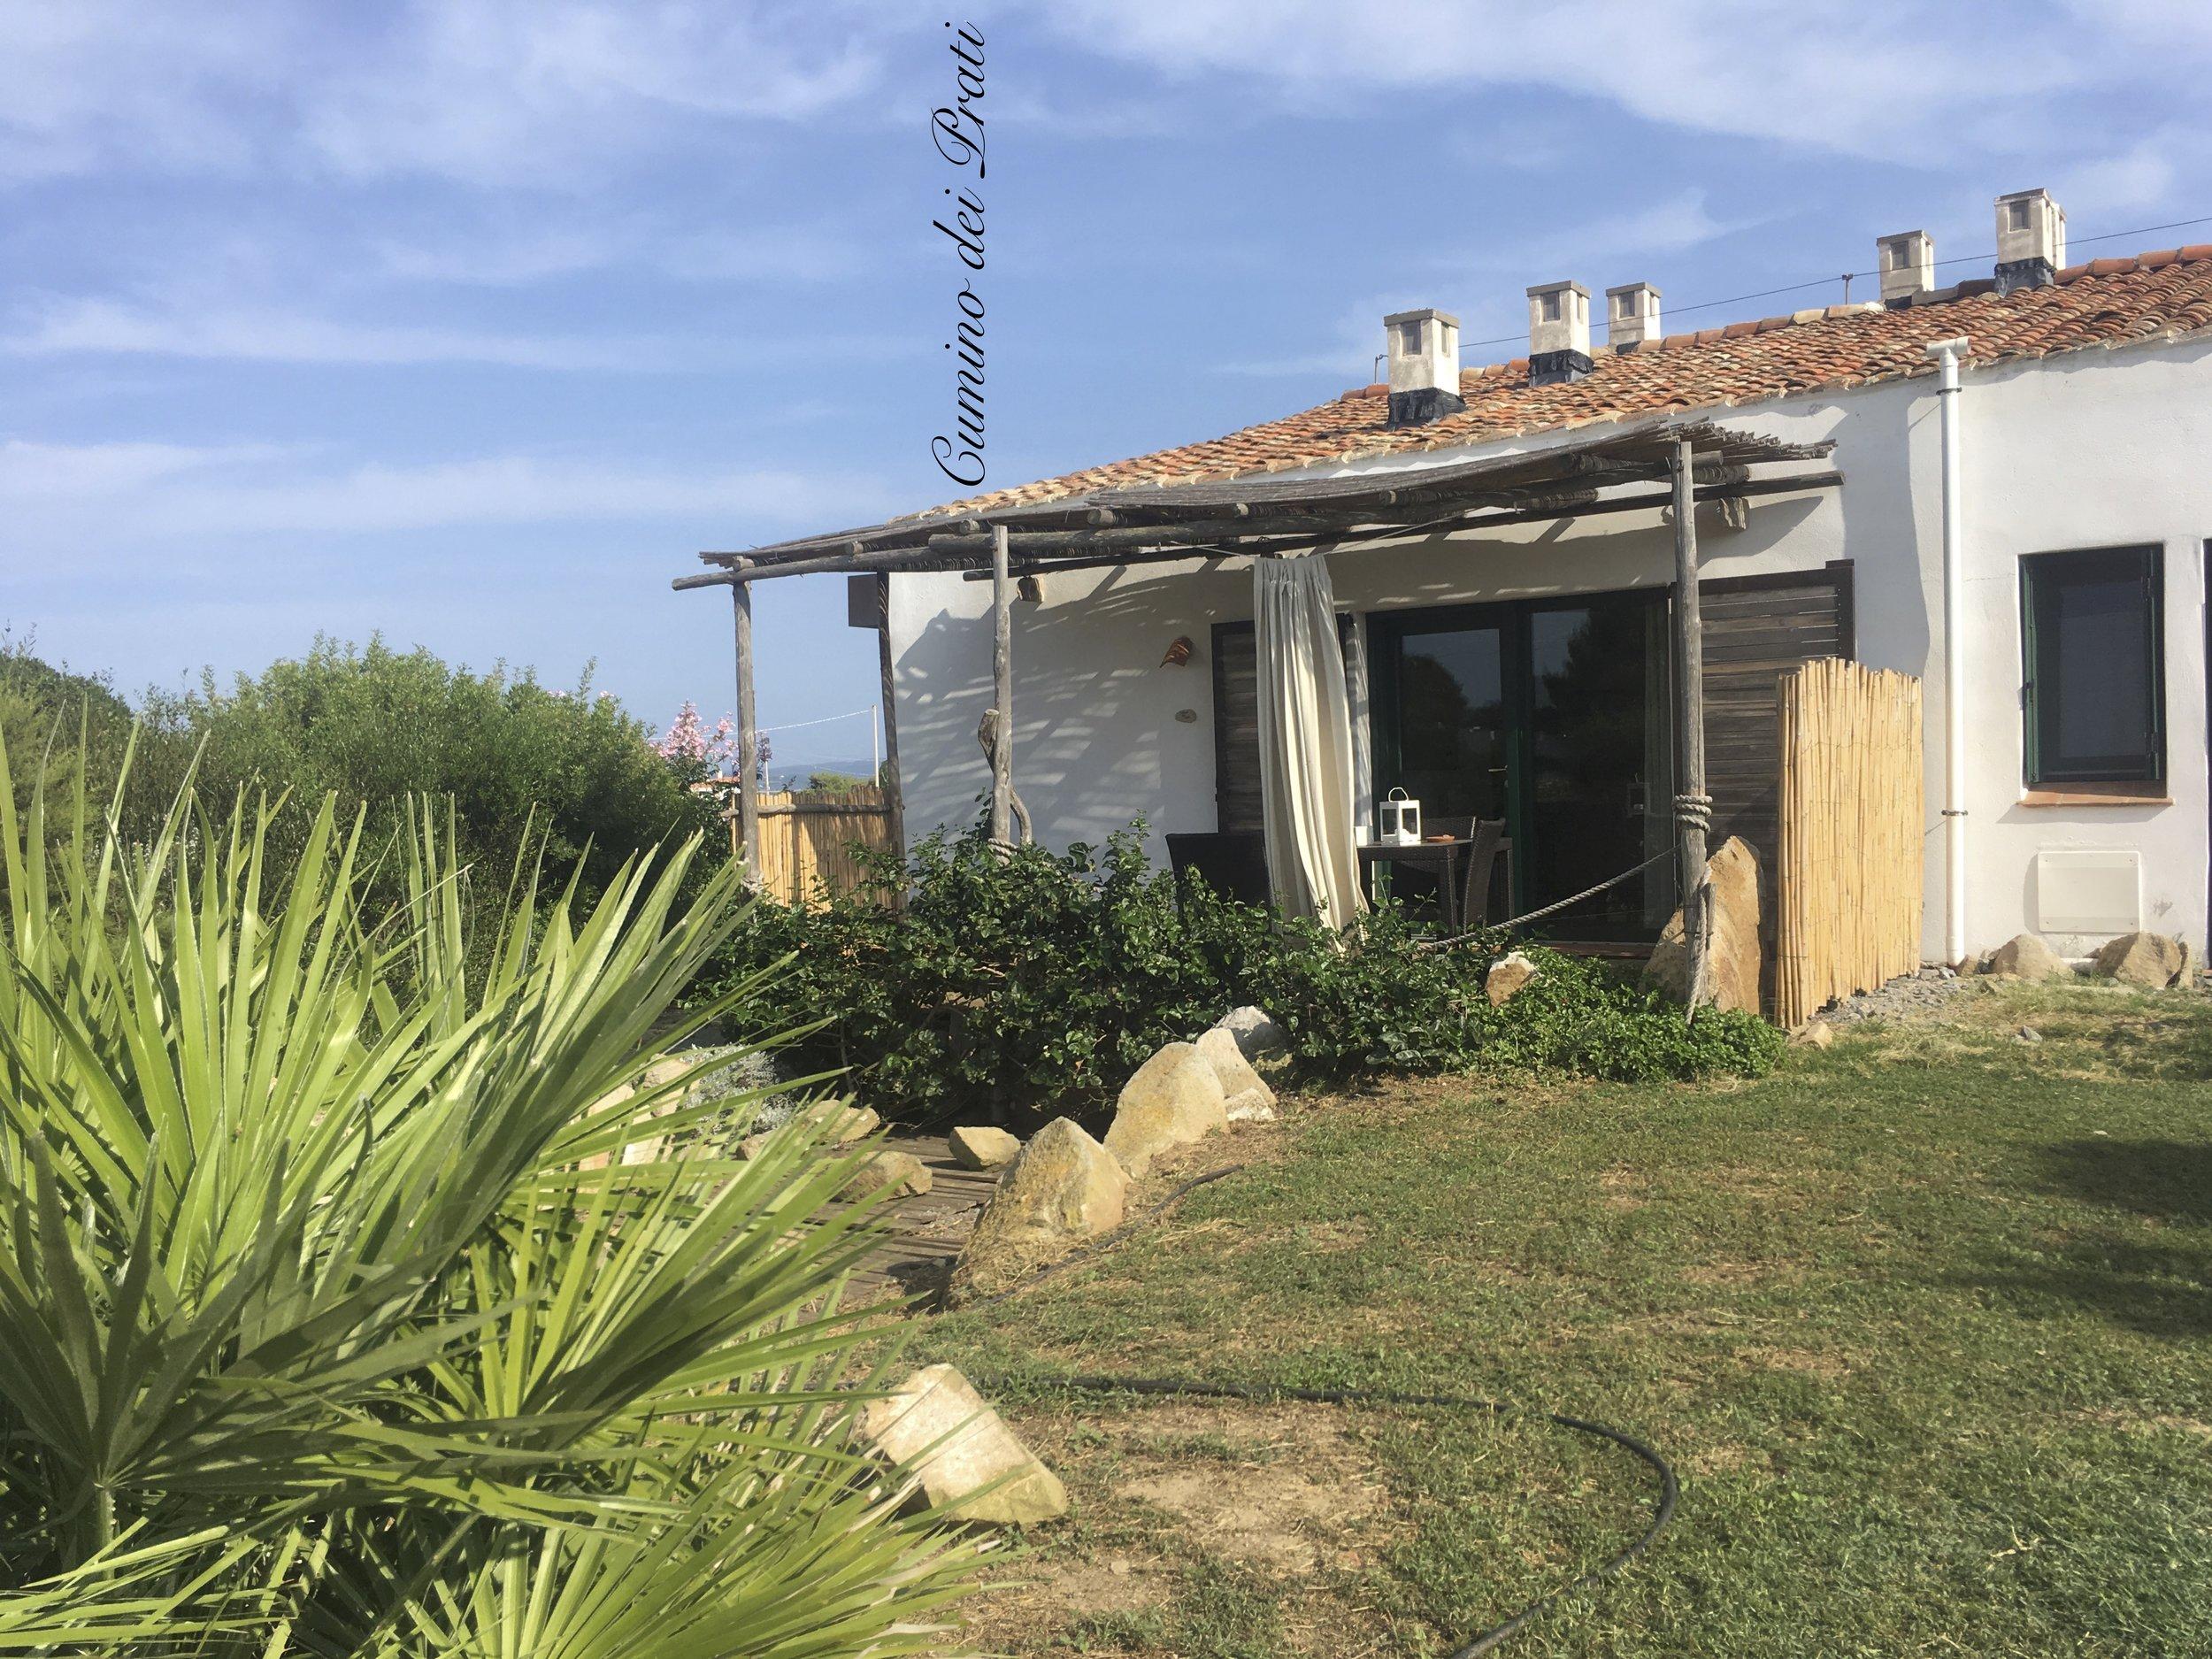 Casa Cumino dei Prati A_1.jpg